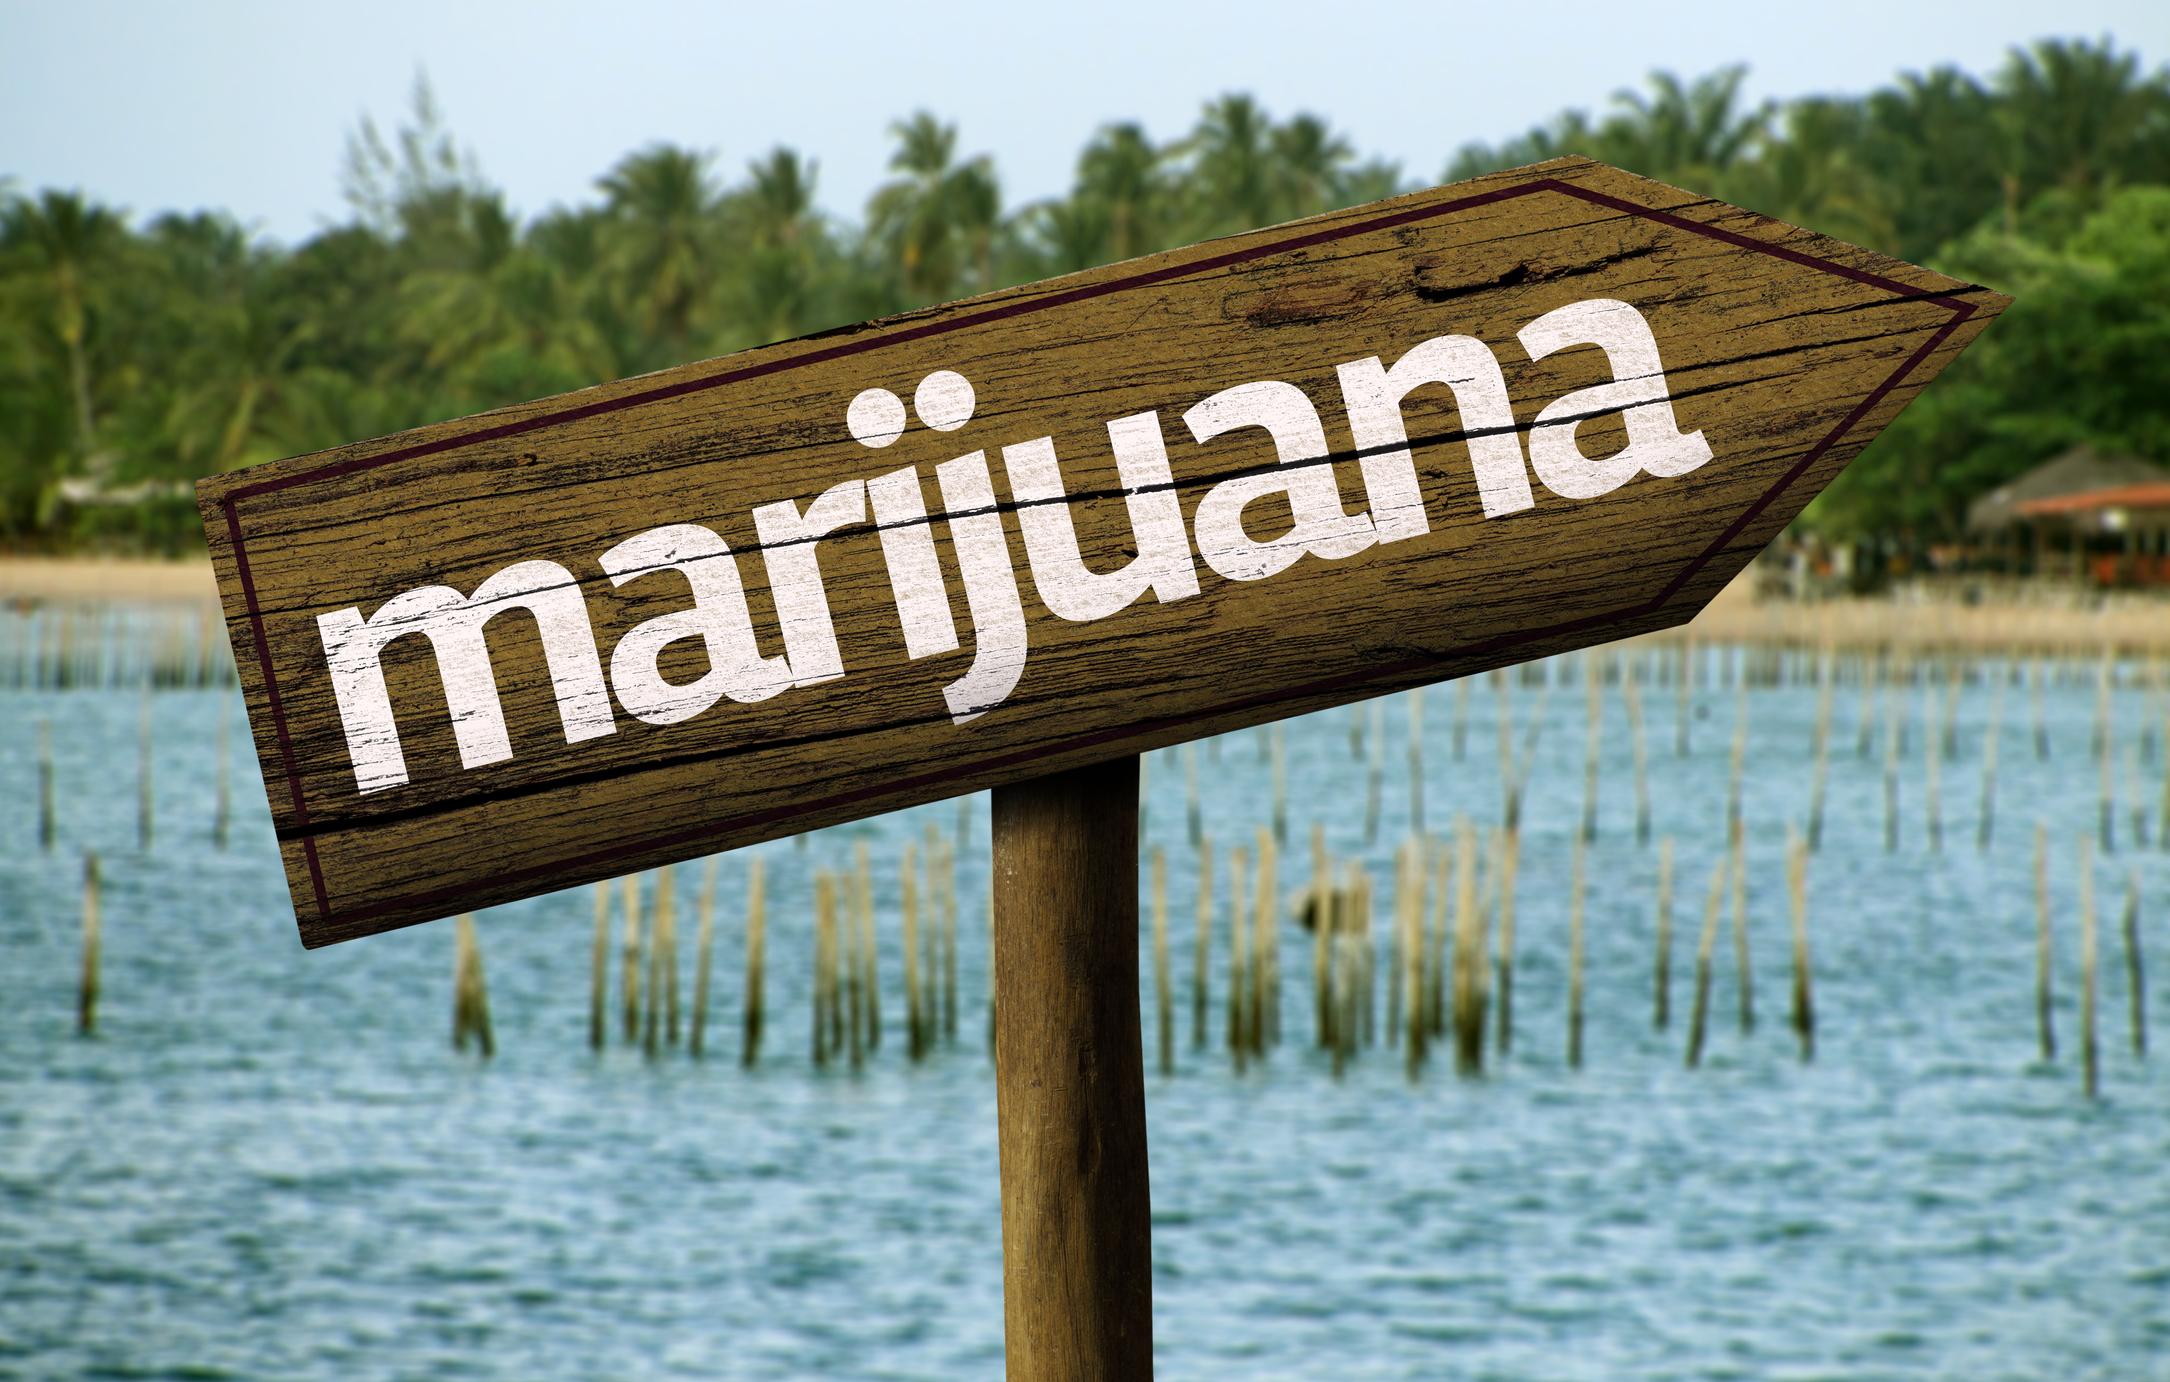 Wooden marijuana sign in front of water